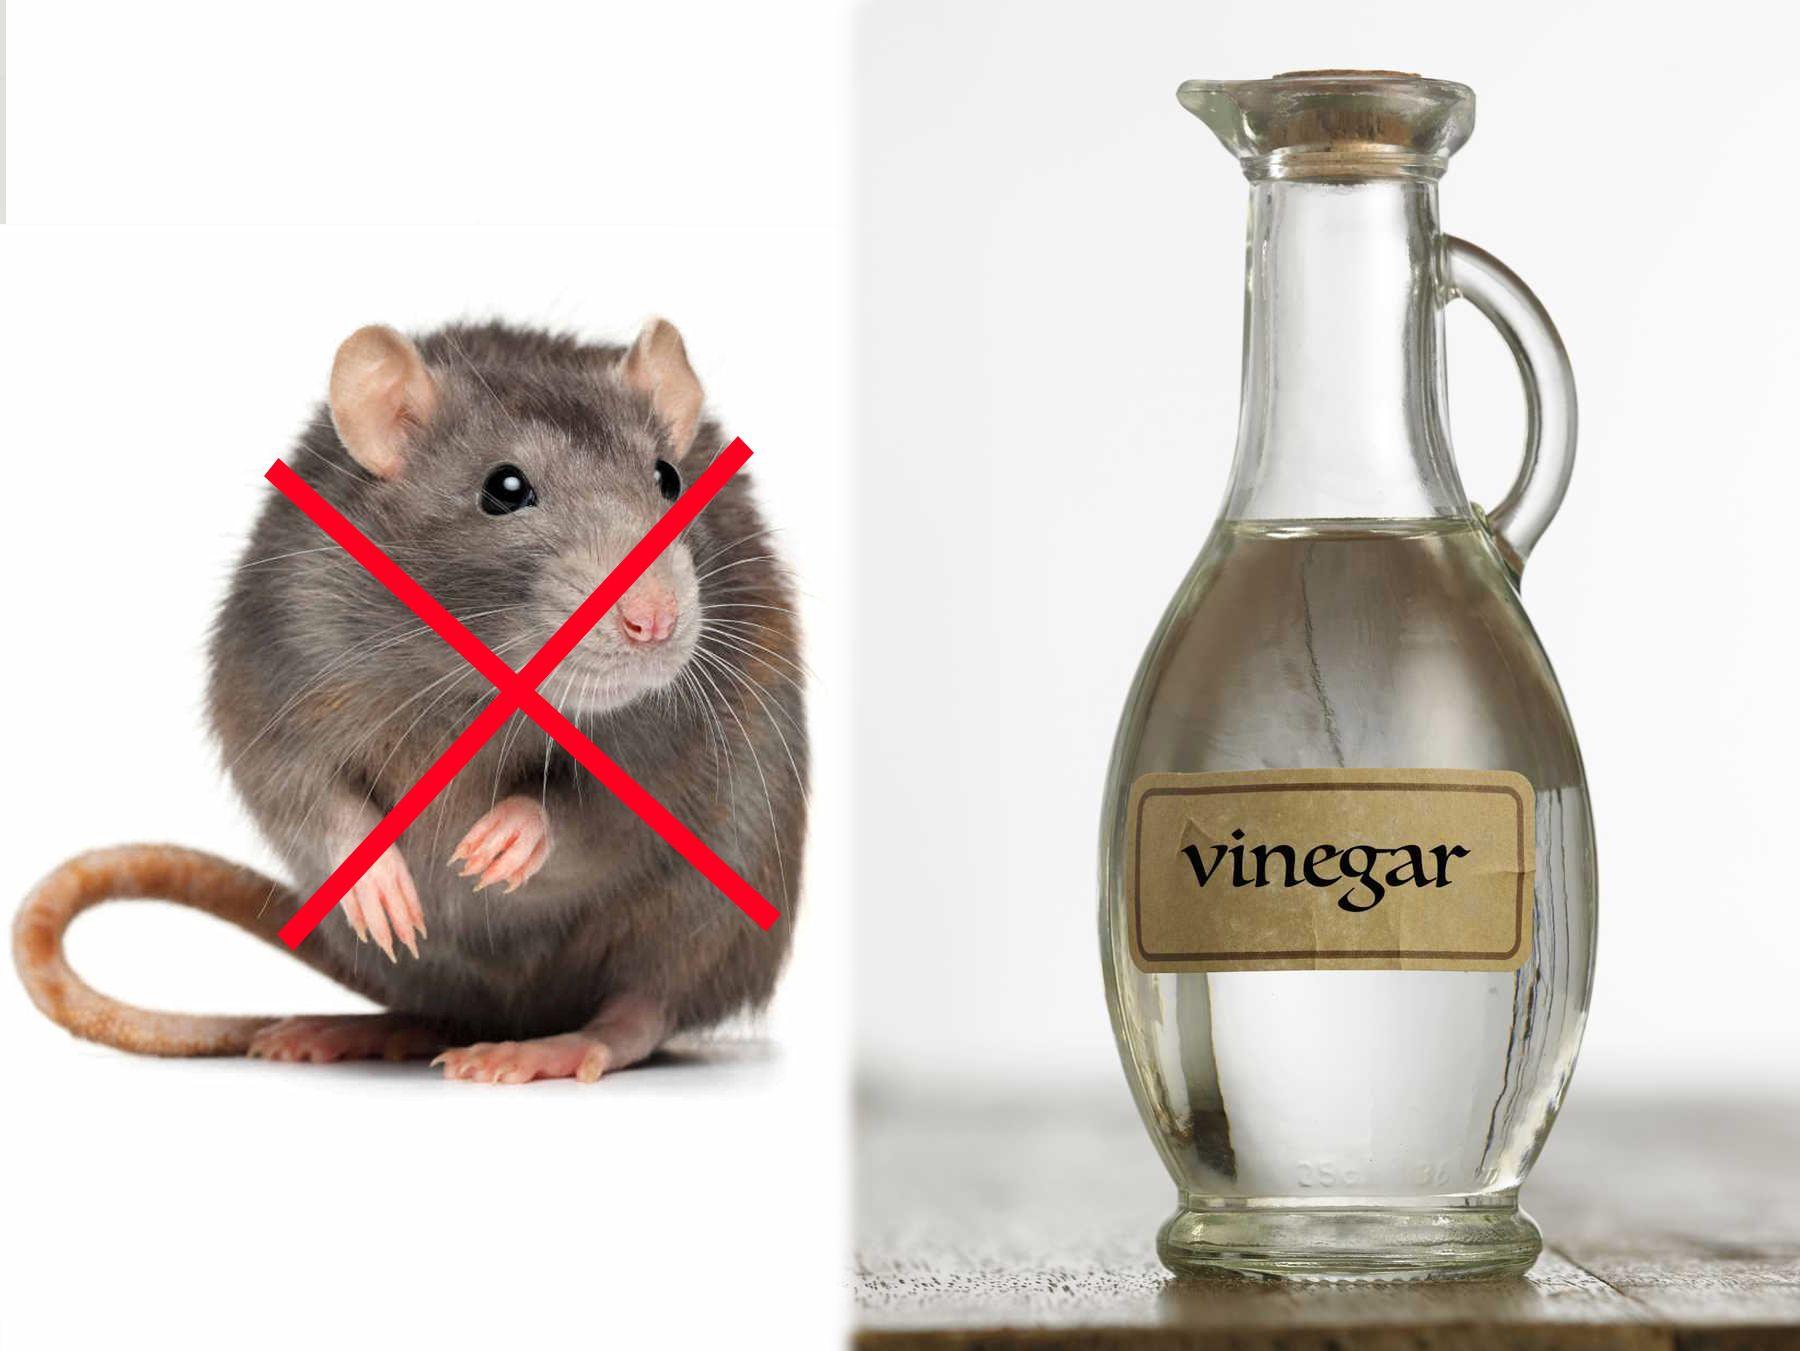 Cách đuổi chuột bằng giấm